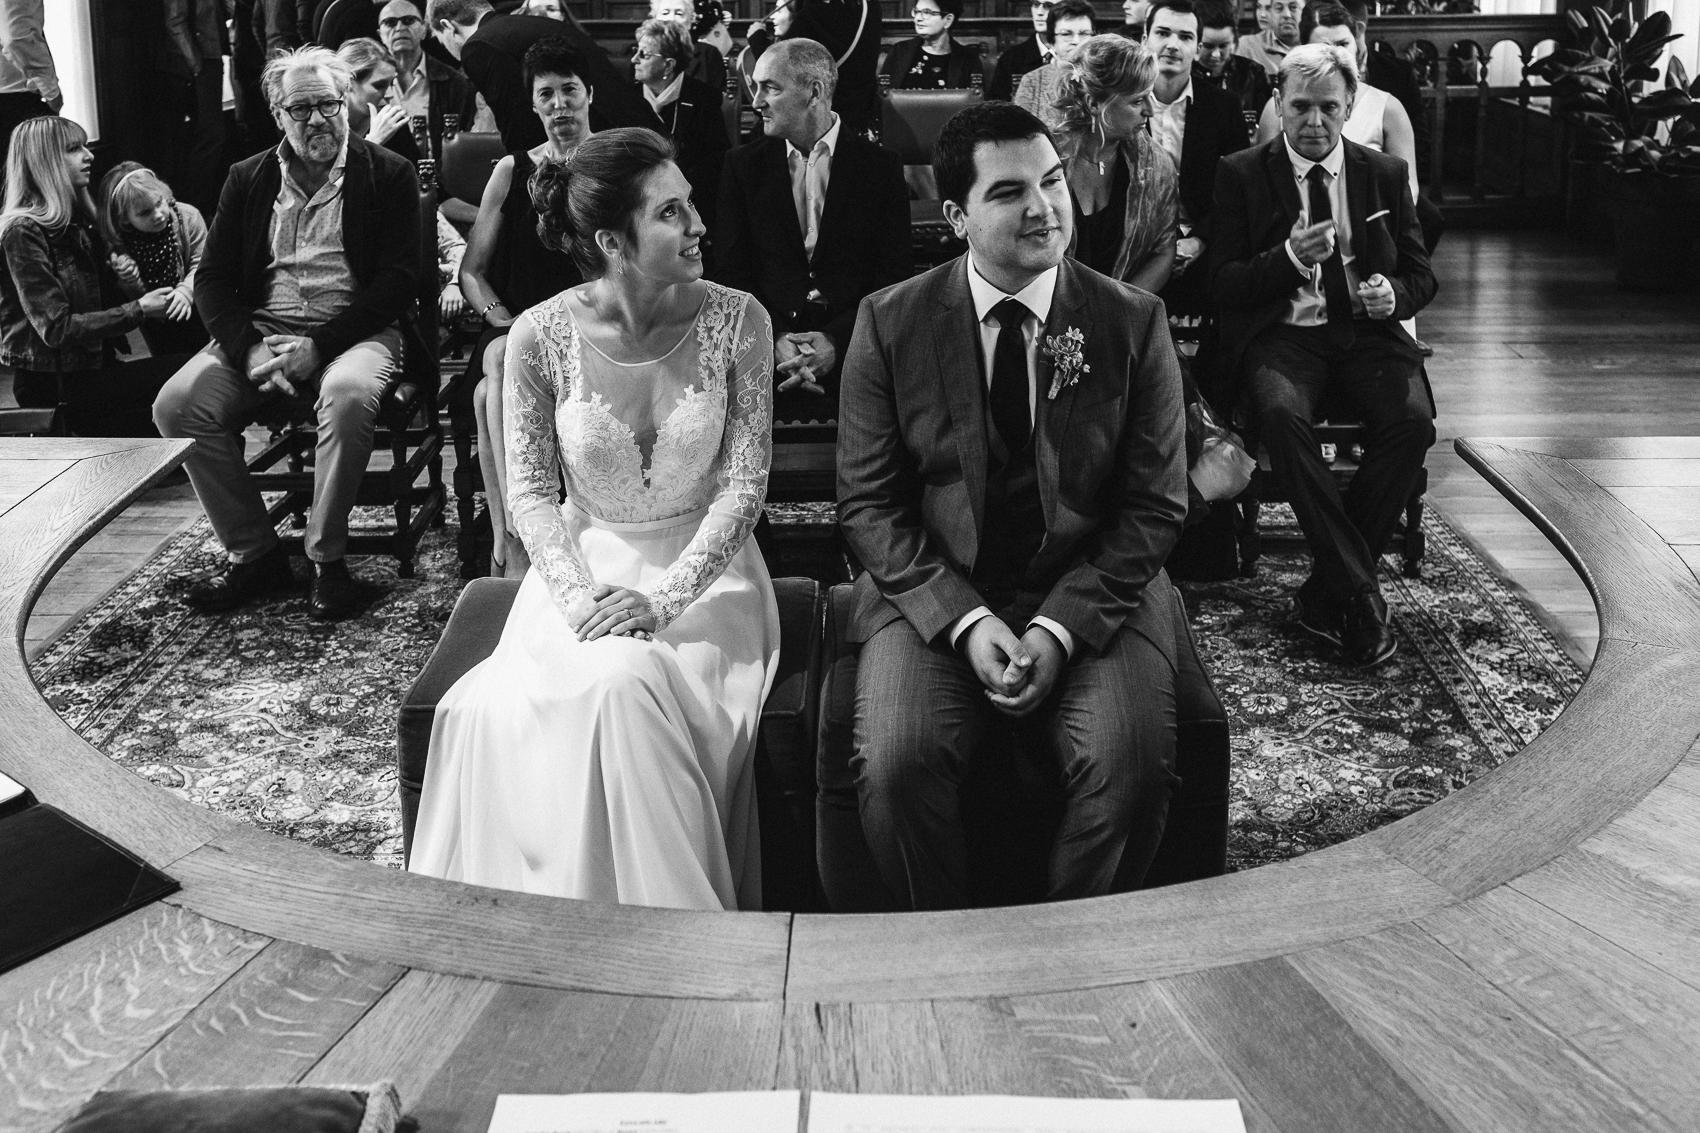 iso800 - huwelijksfotograaf Laura en Gijs Antwerpen-11.jpg